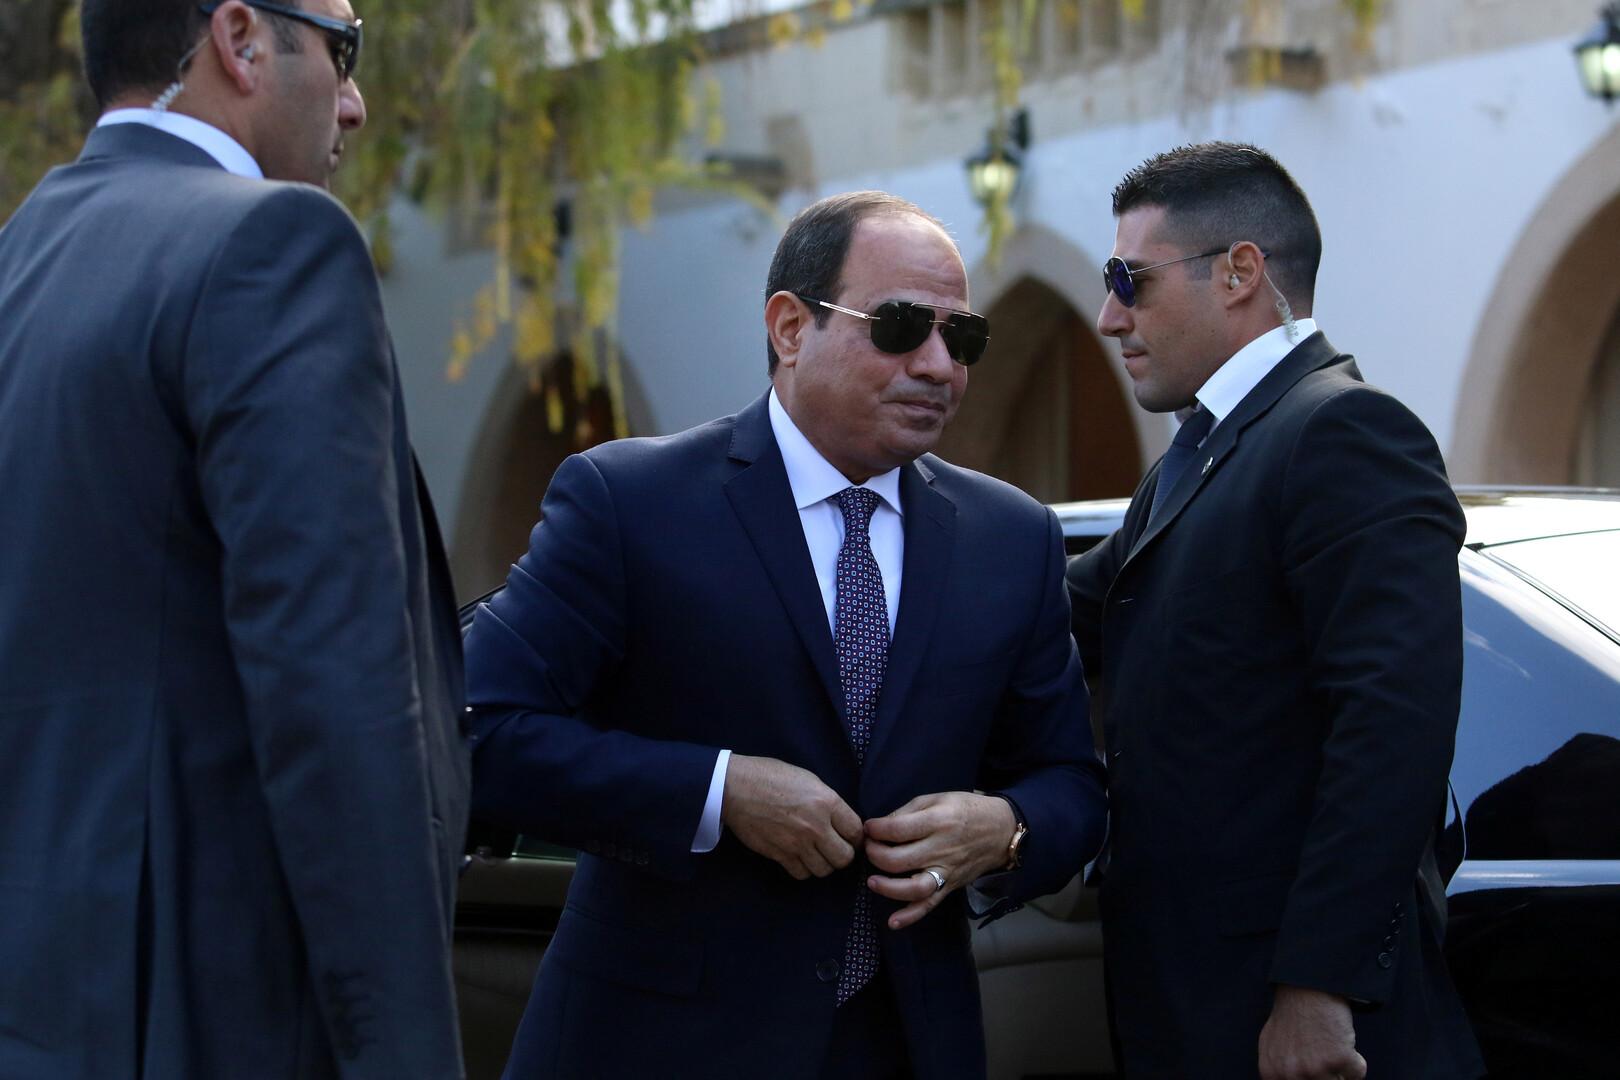 الشؤون الإفريقية في البرلمان المصري تفوض السيسي لاتخاذ التدابير اللازمة في أزمة